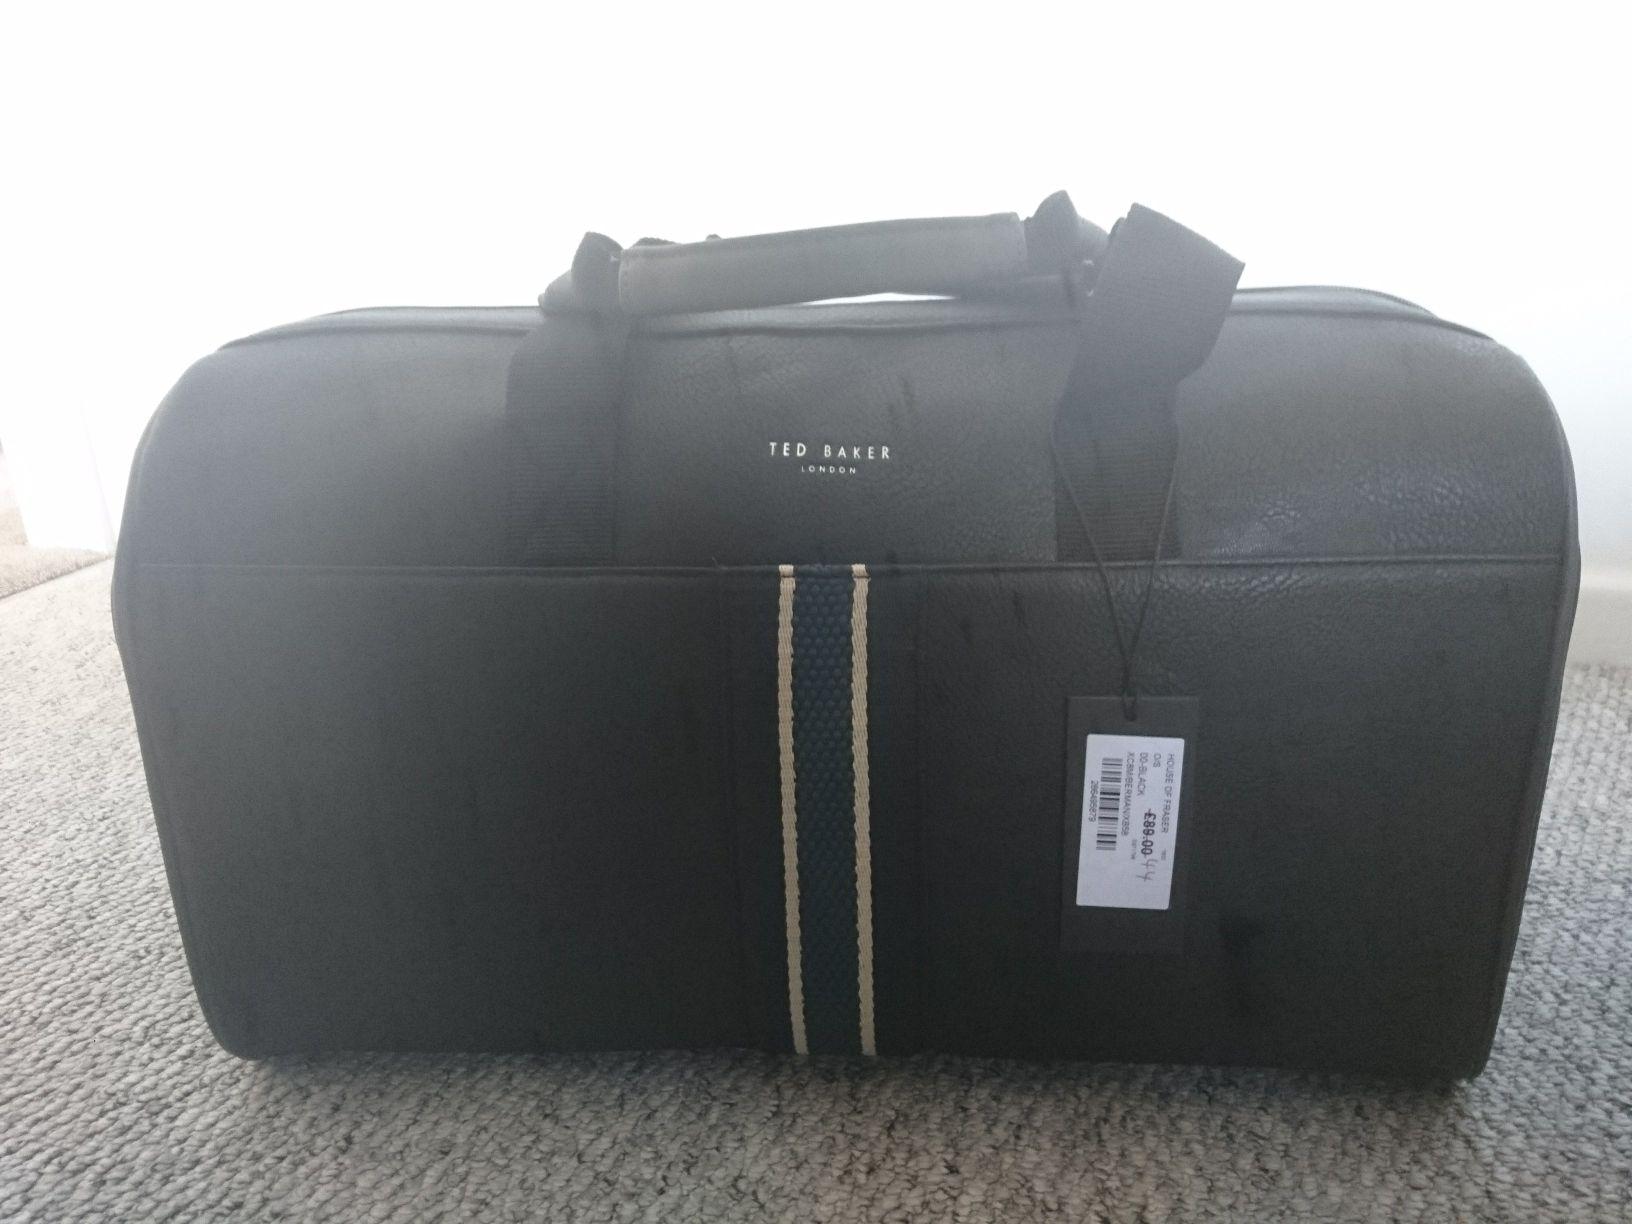 bbb5d5797027 Ted Baker Weekend Bag House of Fraser Skipton for £44 - hotukdeals